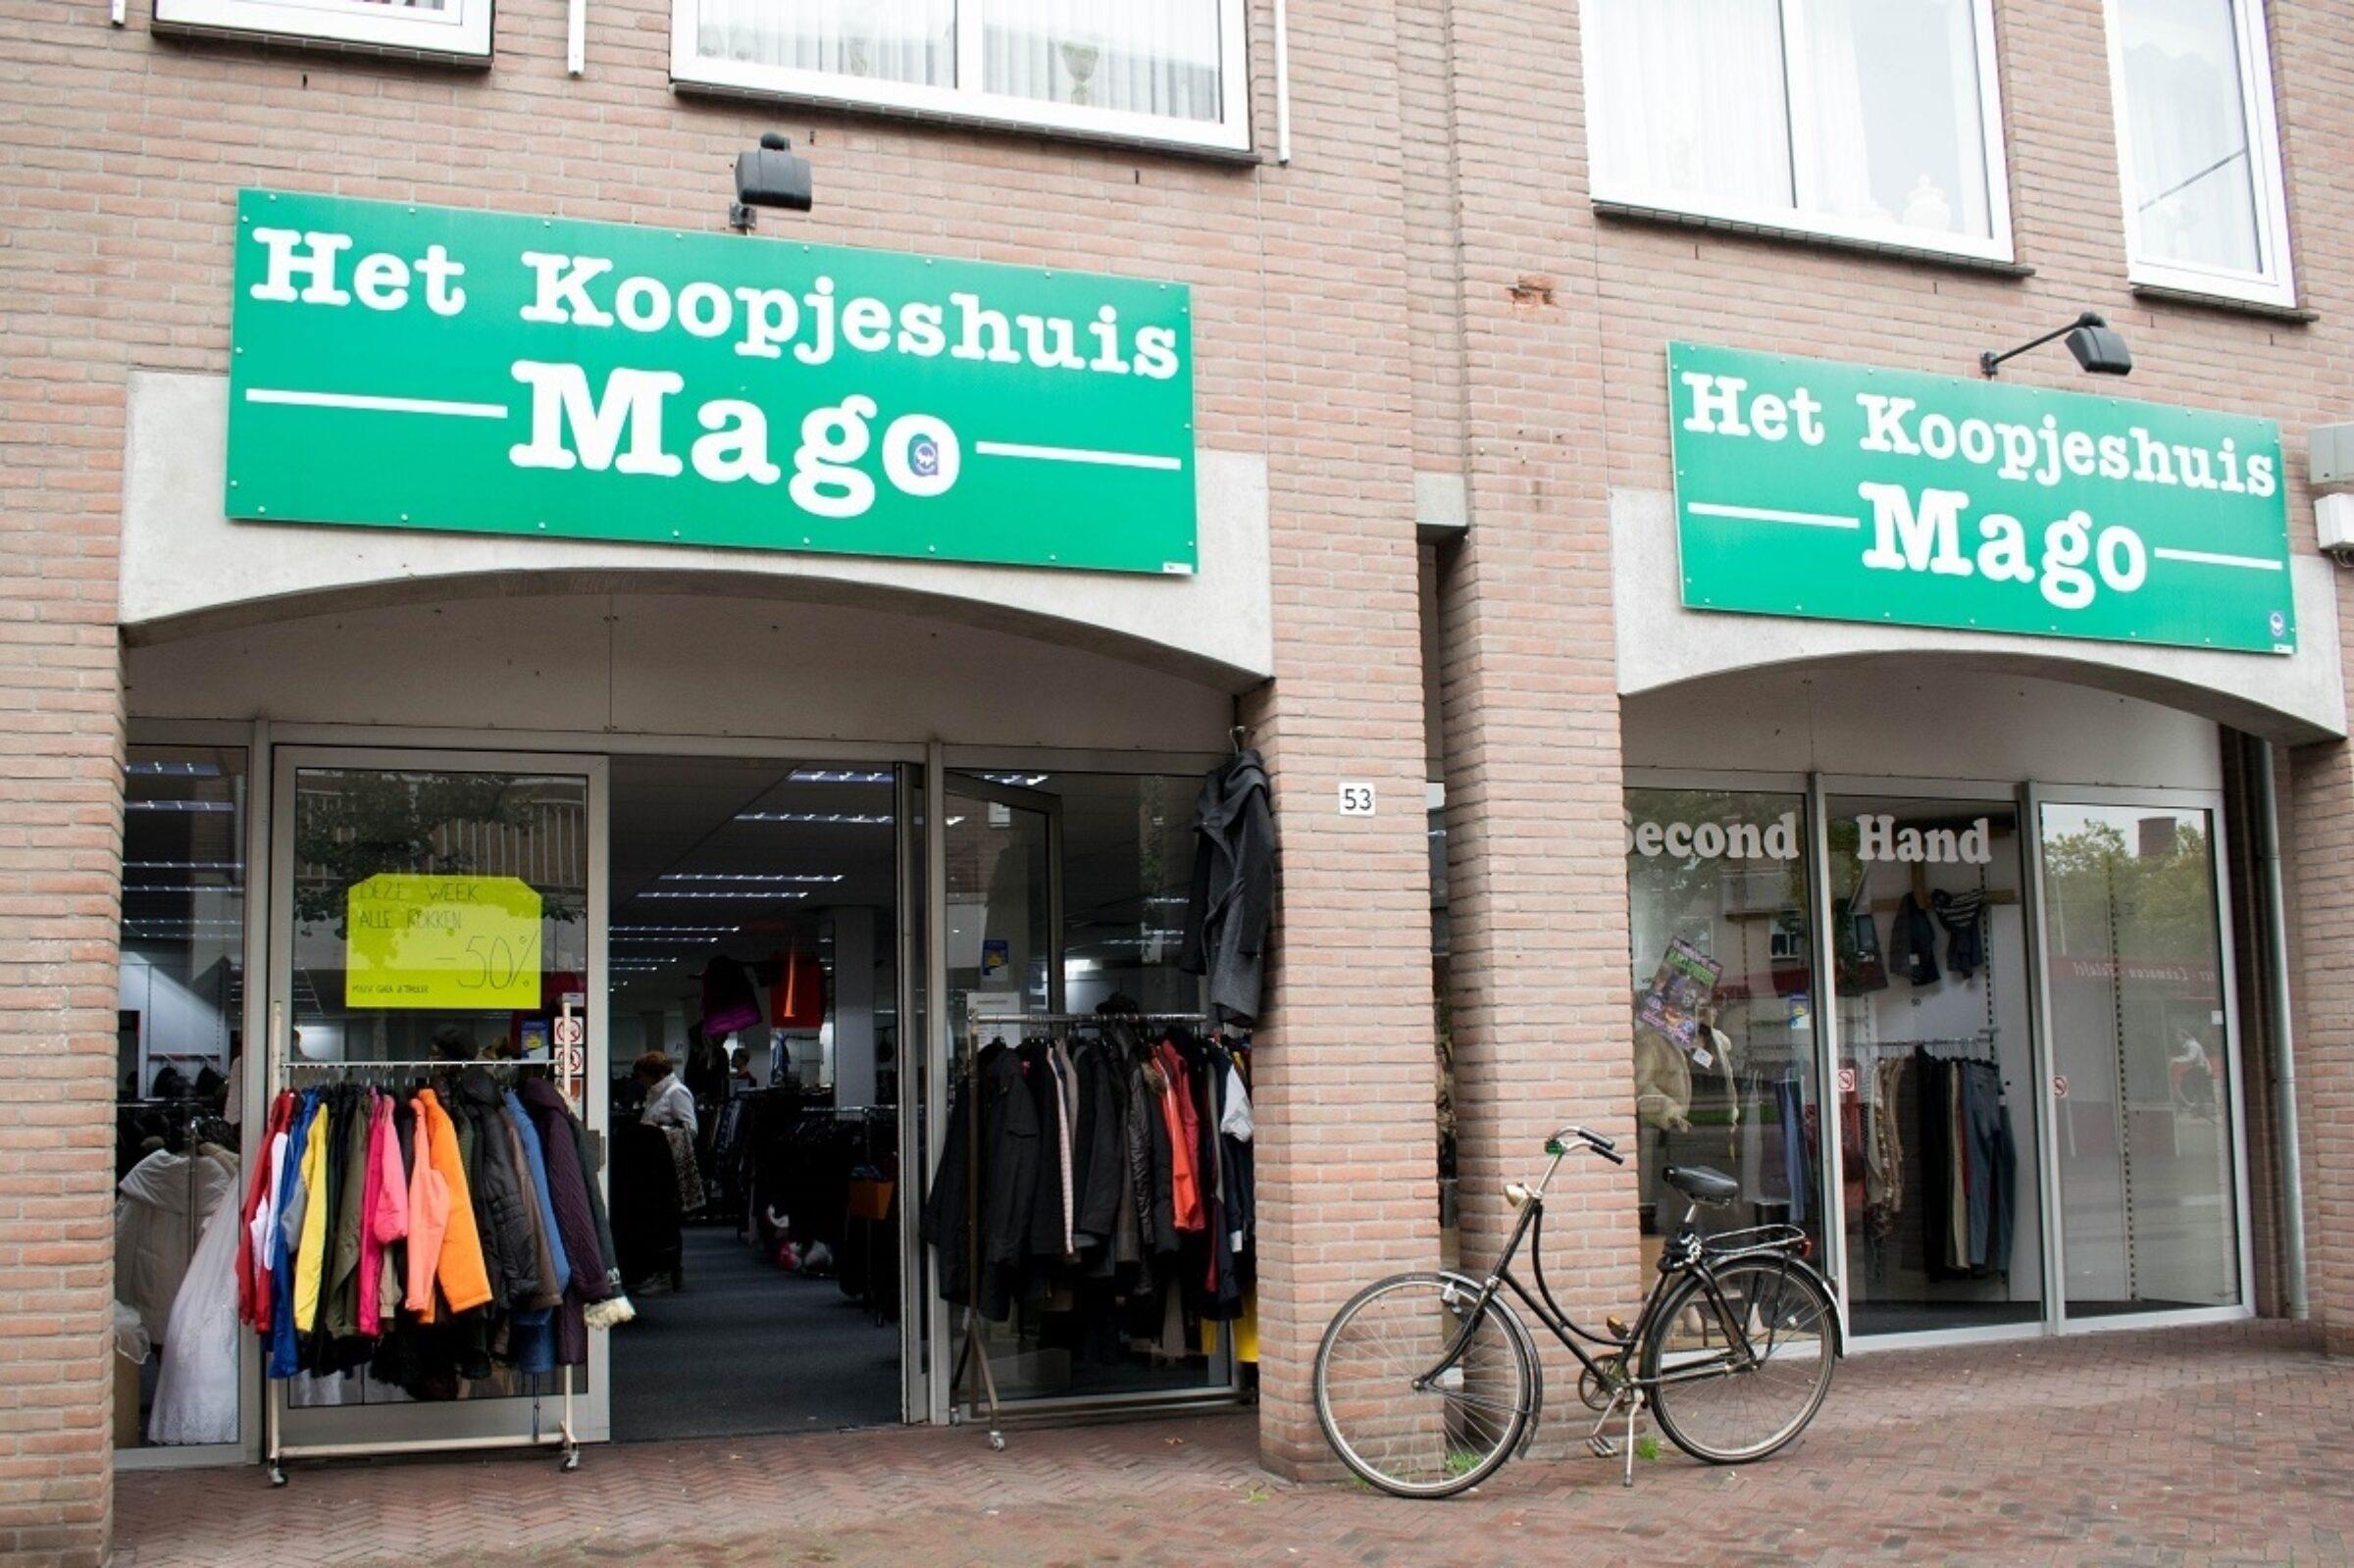 Het koopjeshuis Mago